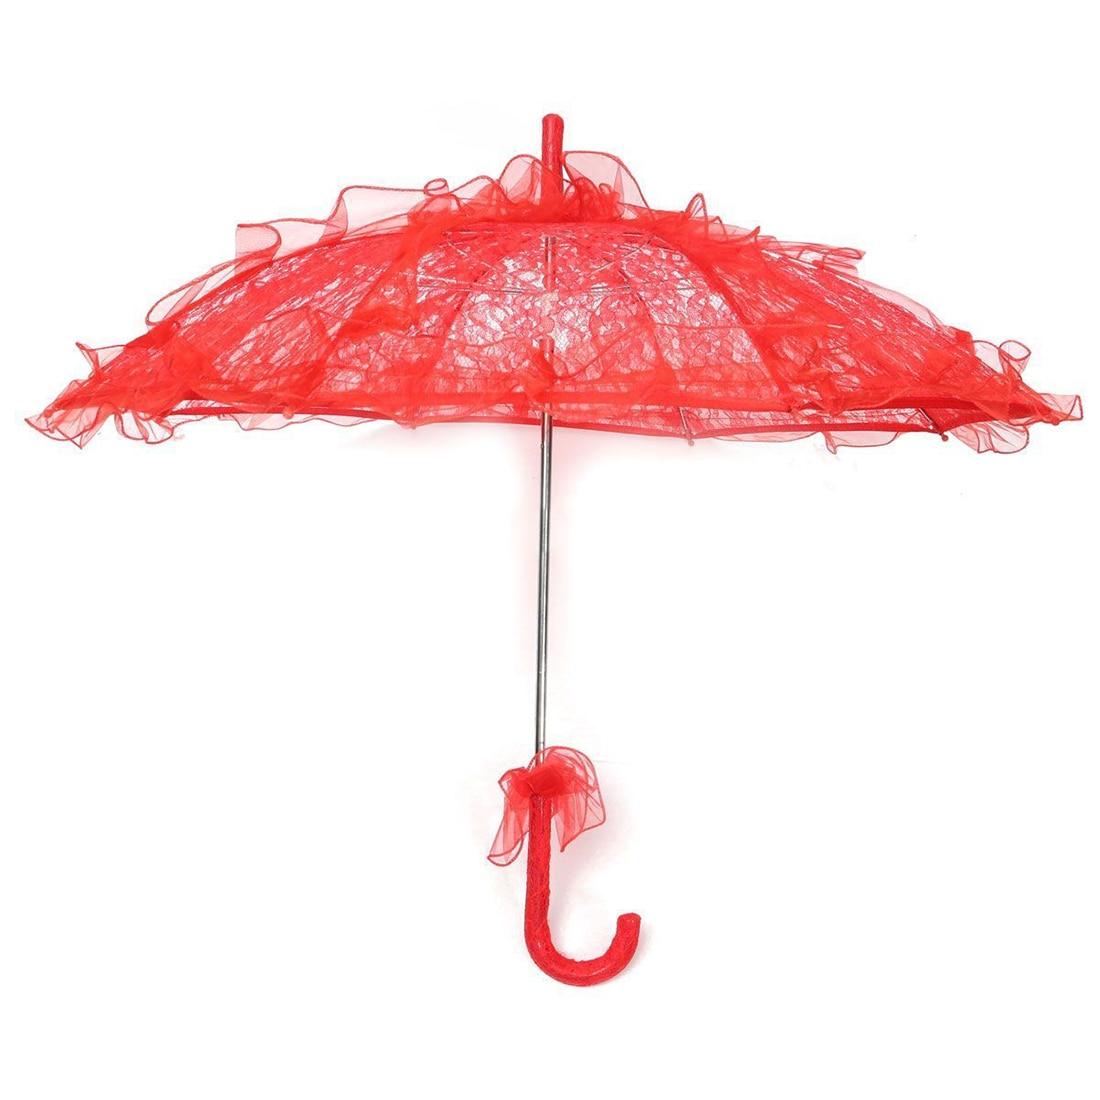 Lace Parasol Wedding Lace Flower Wedding Bride Parasol Umbrella red